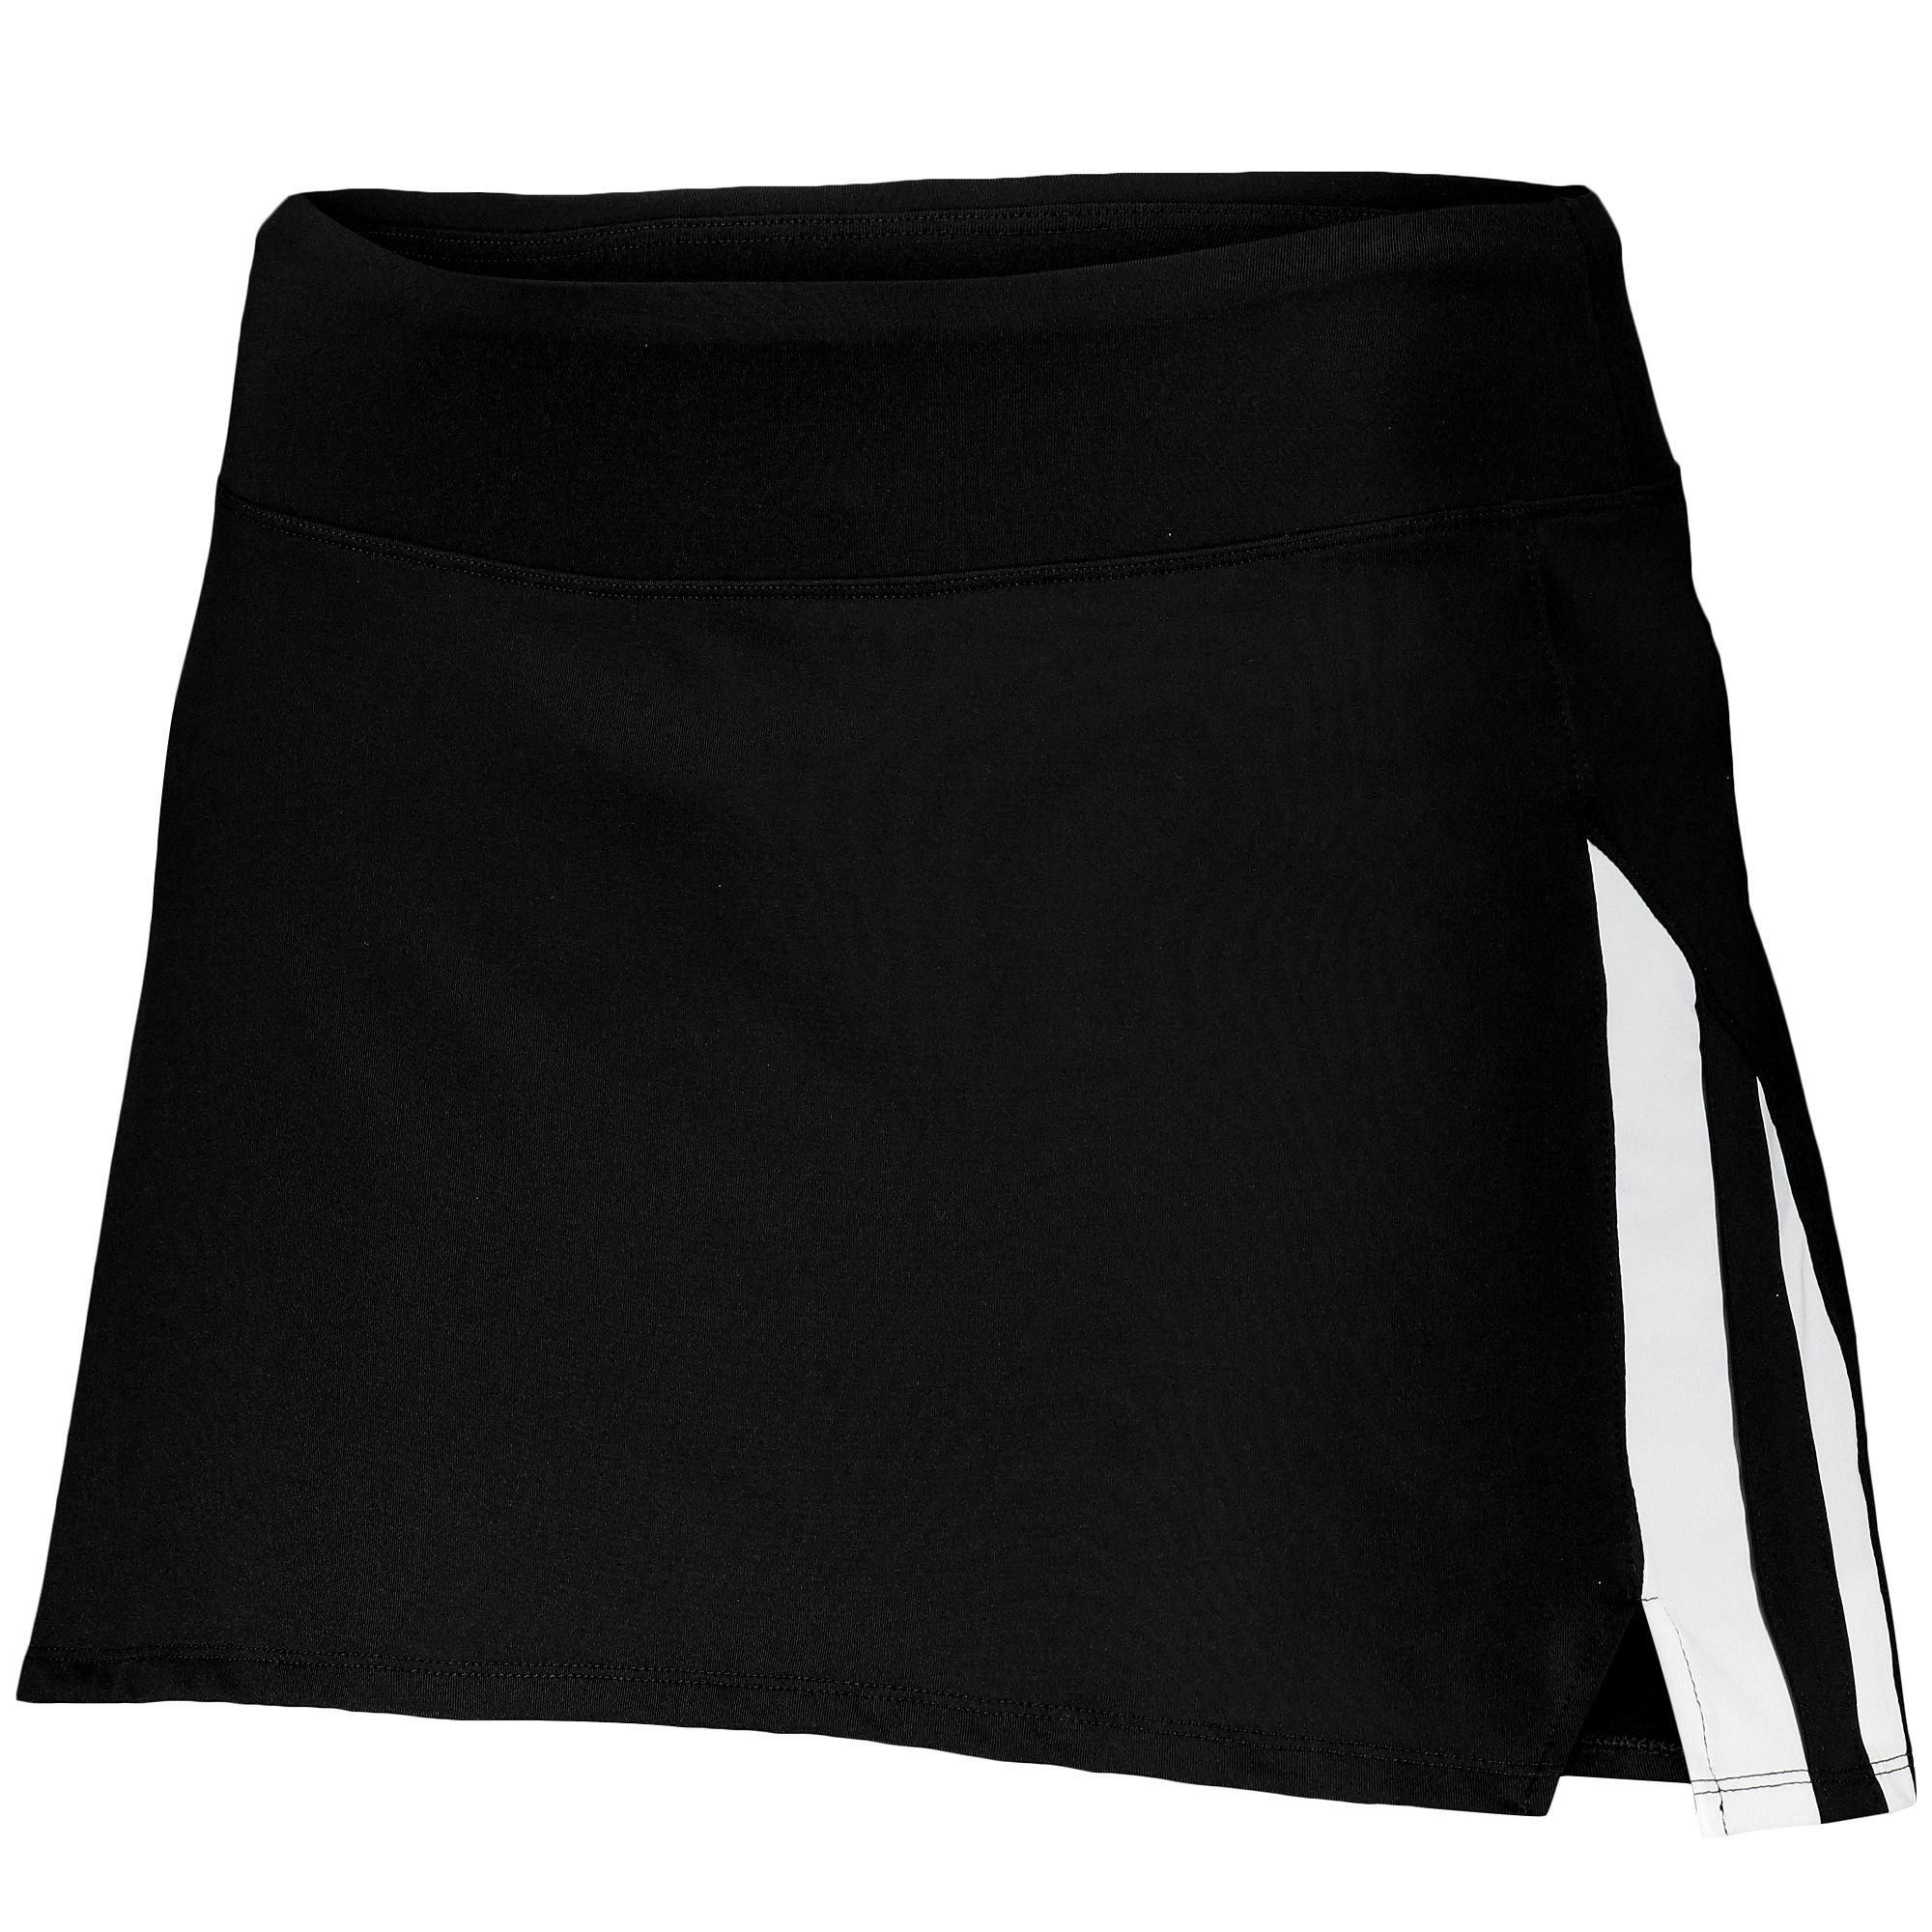 Augusta Sportswear Women's Full Force Skort S Black/White